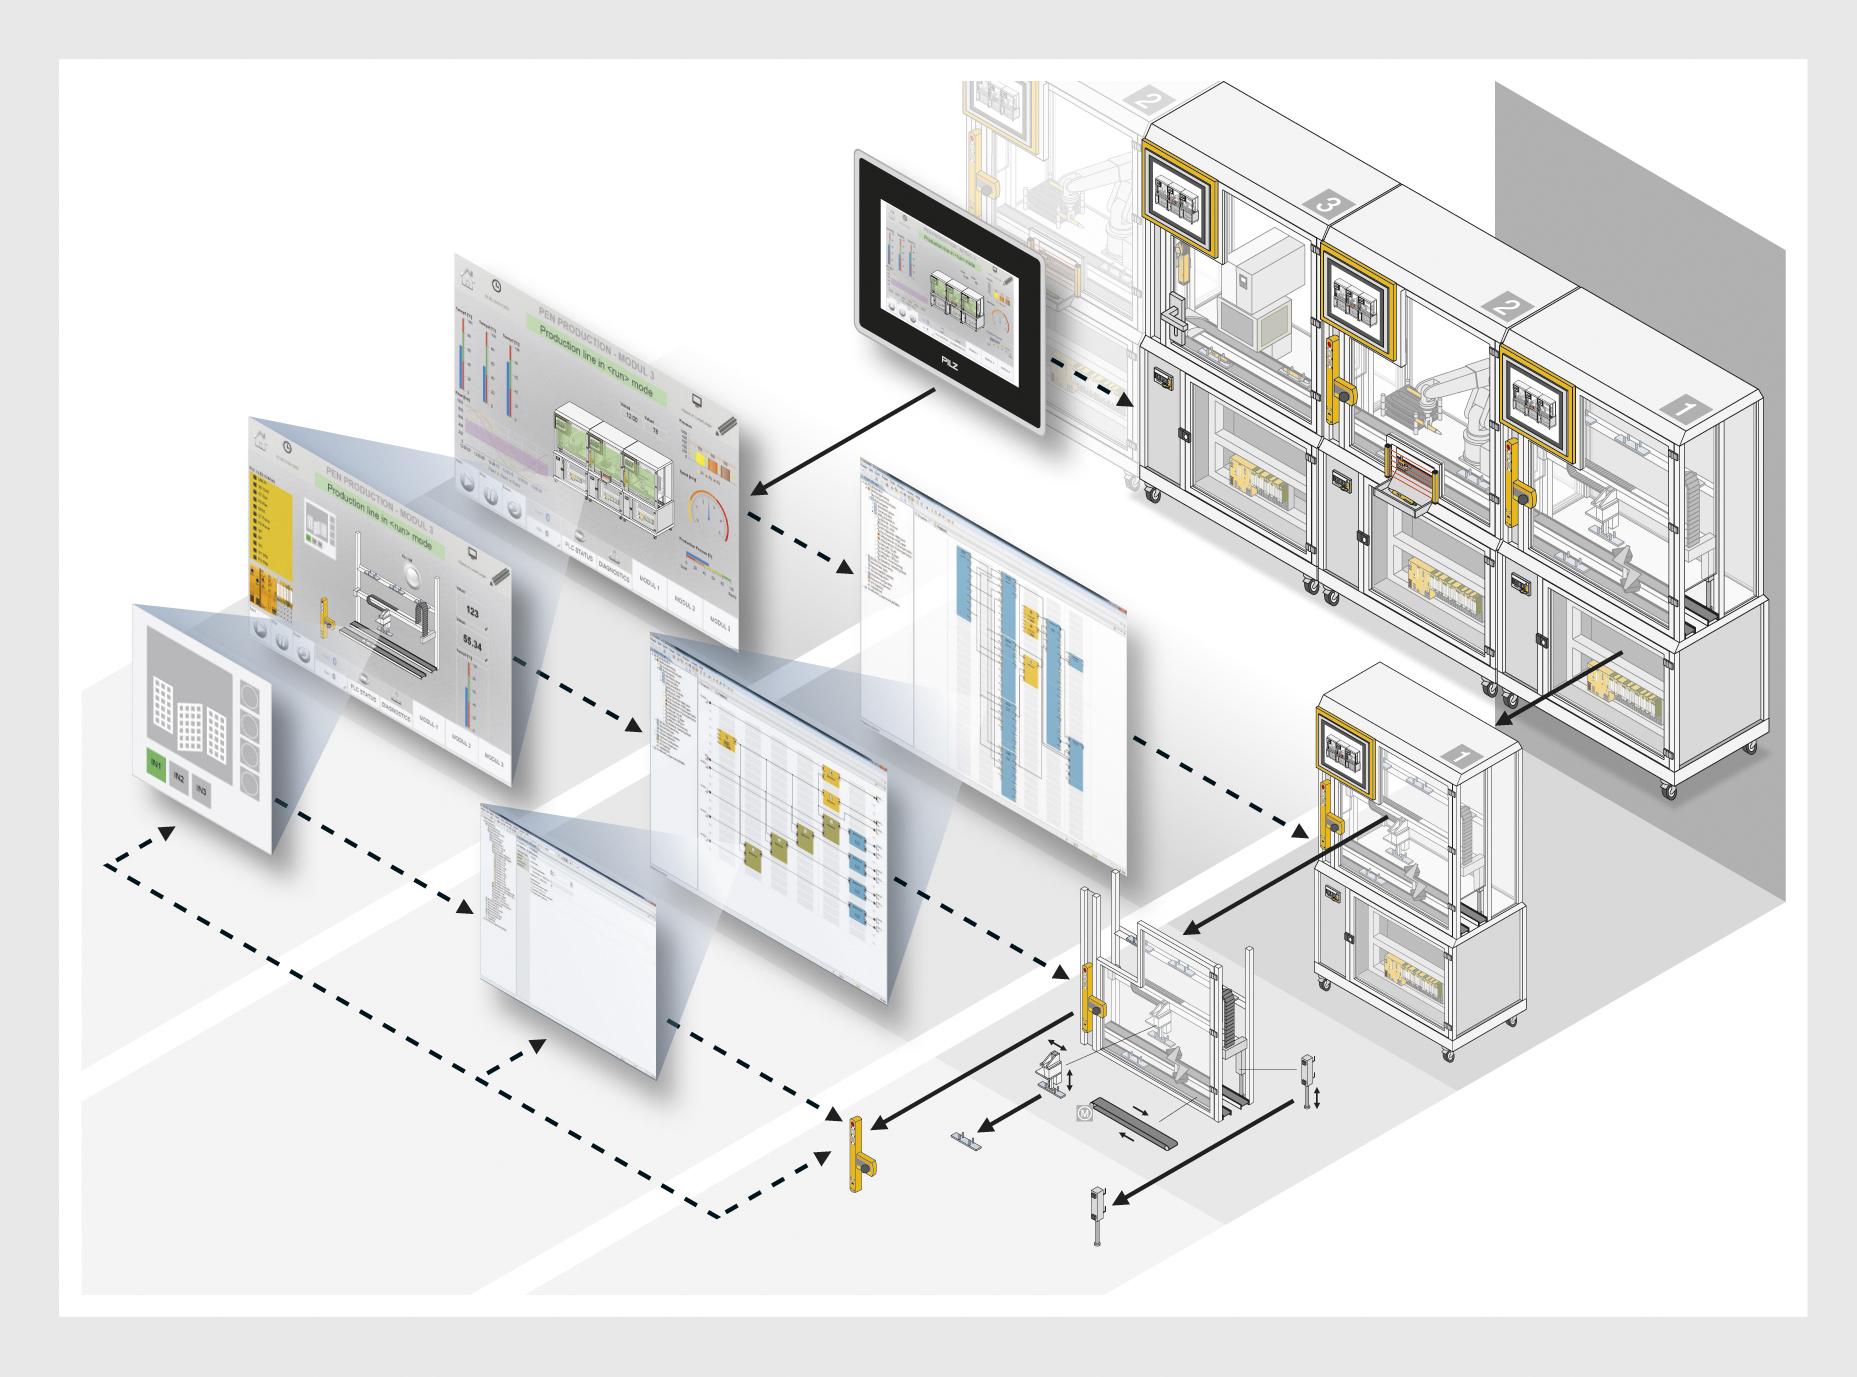 Für Industrie 4.0 werden Automatisierungssysteme benötigt, die in der Lage sind, die in den mechatronischen Einheiten verteilte Intelligenz zentral und anwenderfreundlich zu steuern.